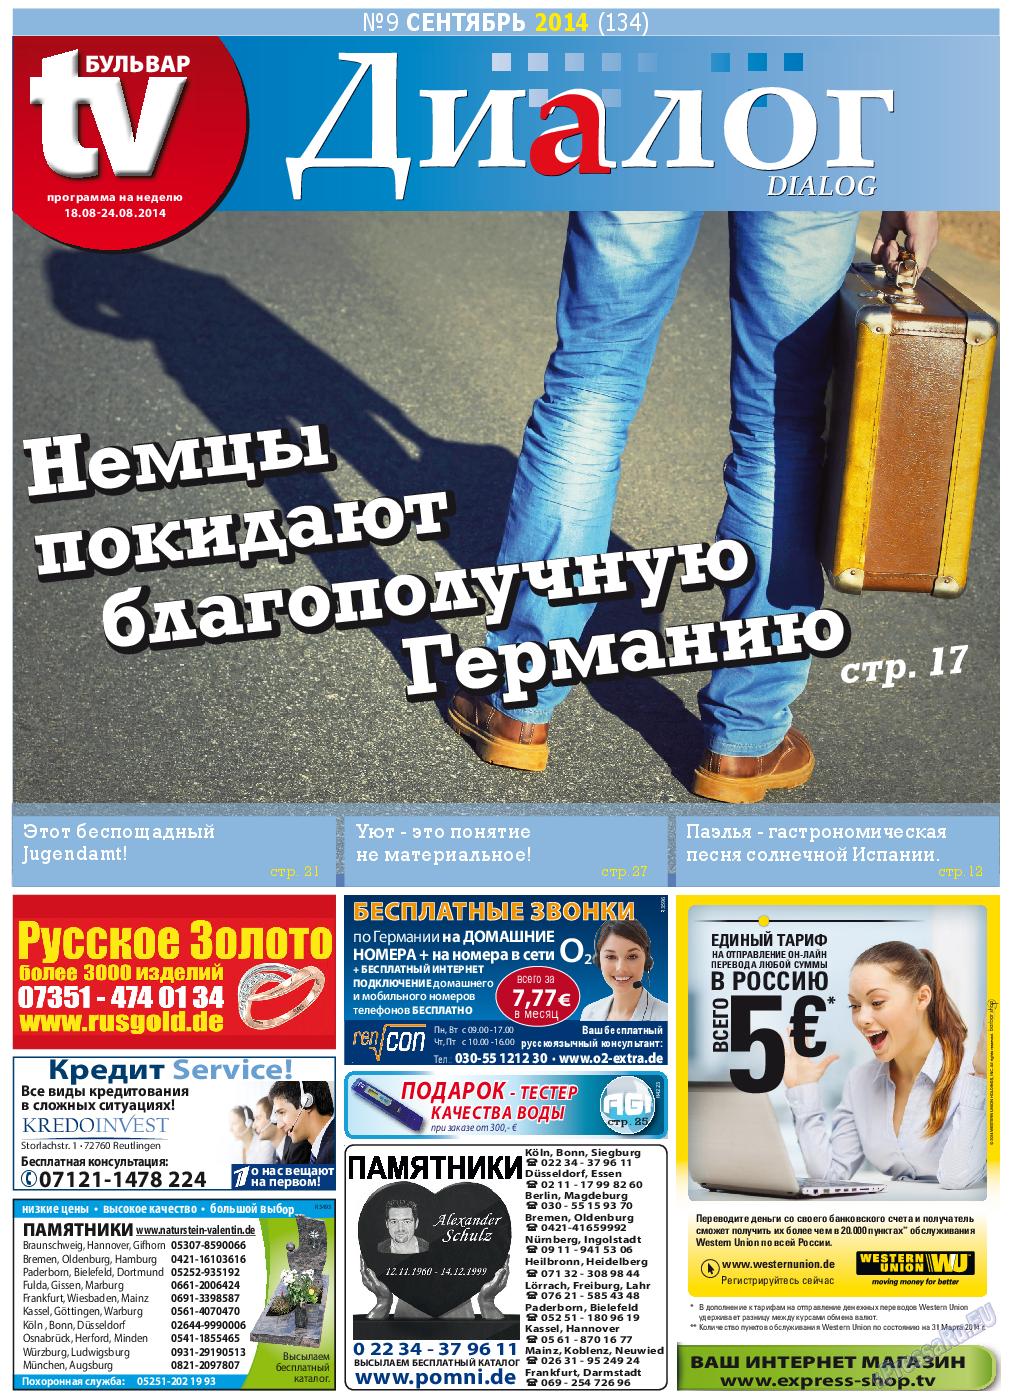 Диалог (газета). 2014 год, номер 9, стр. 1